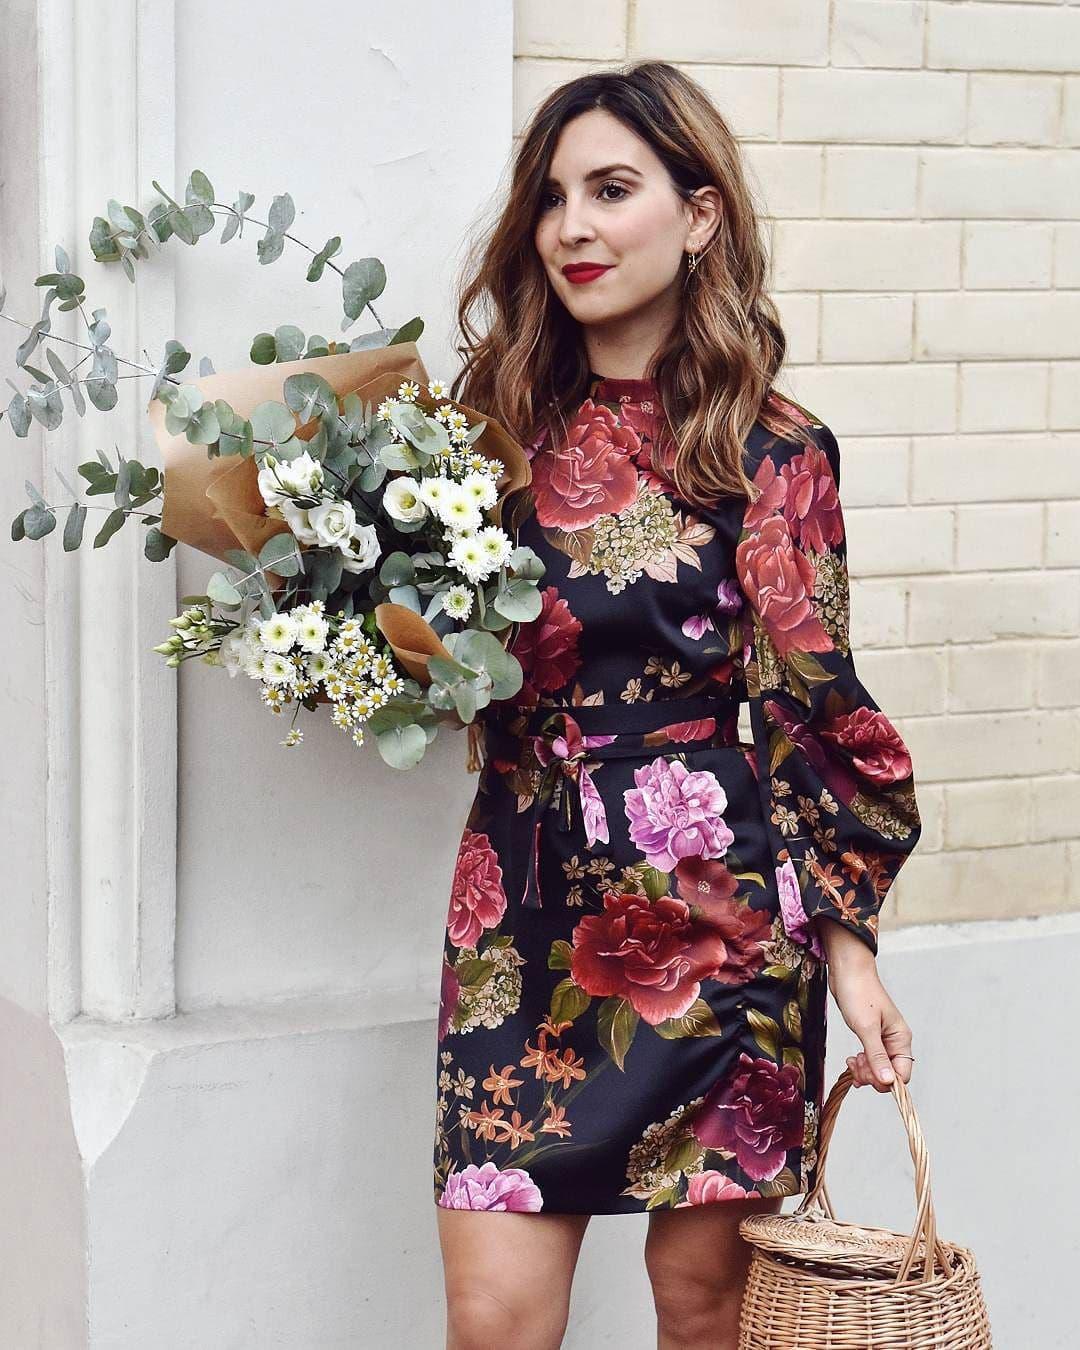 модные тенденции весна лето 2019: платье в цветы яркое